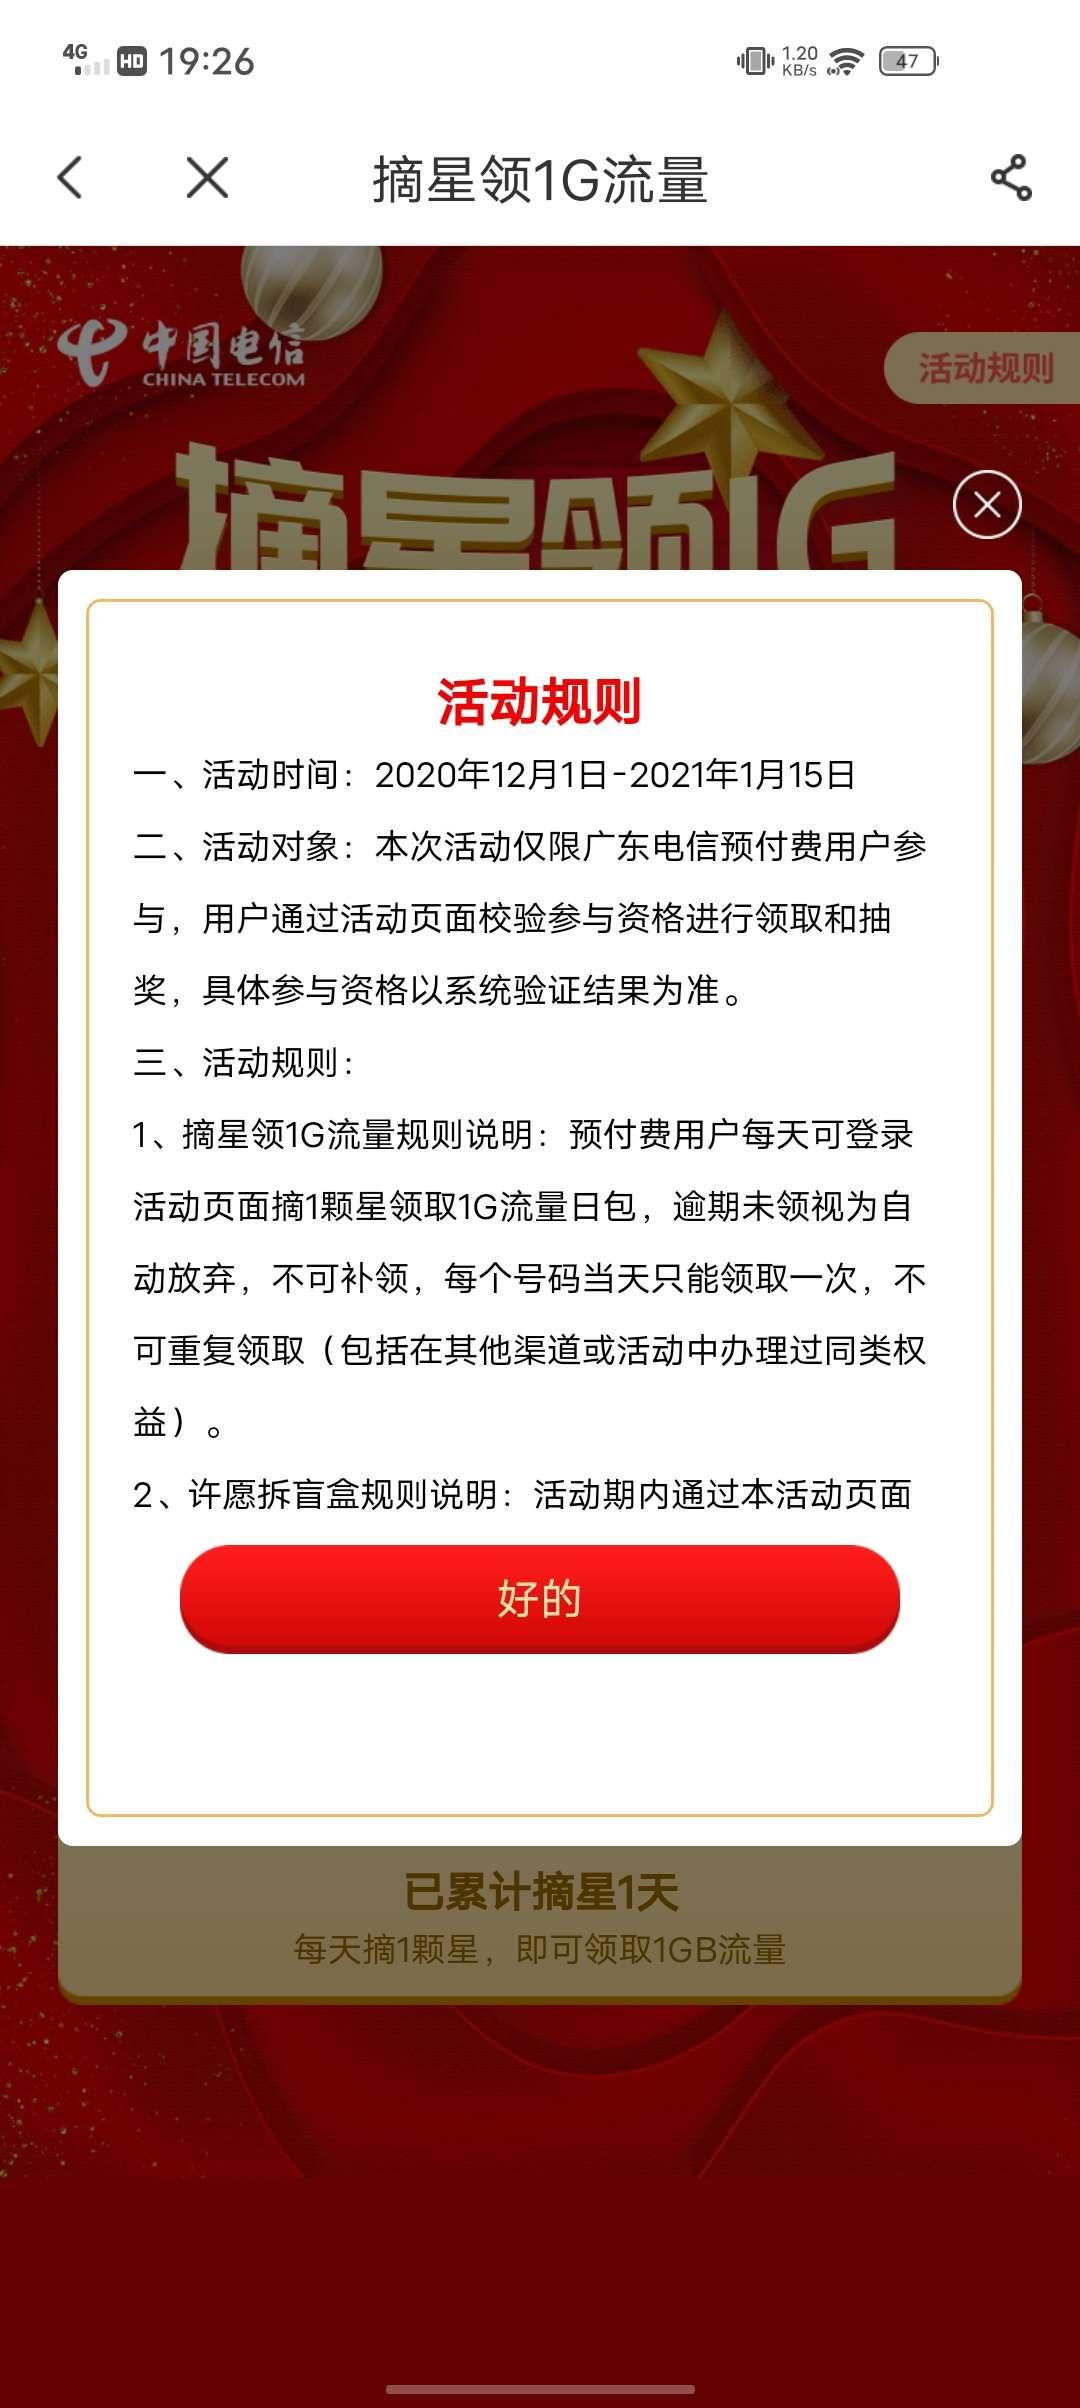 图片[2]-广东电信可领18G流量-老友薅羊毛活动线报网